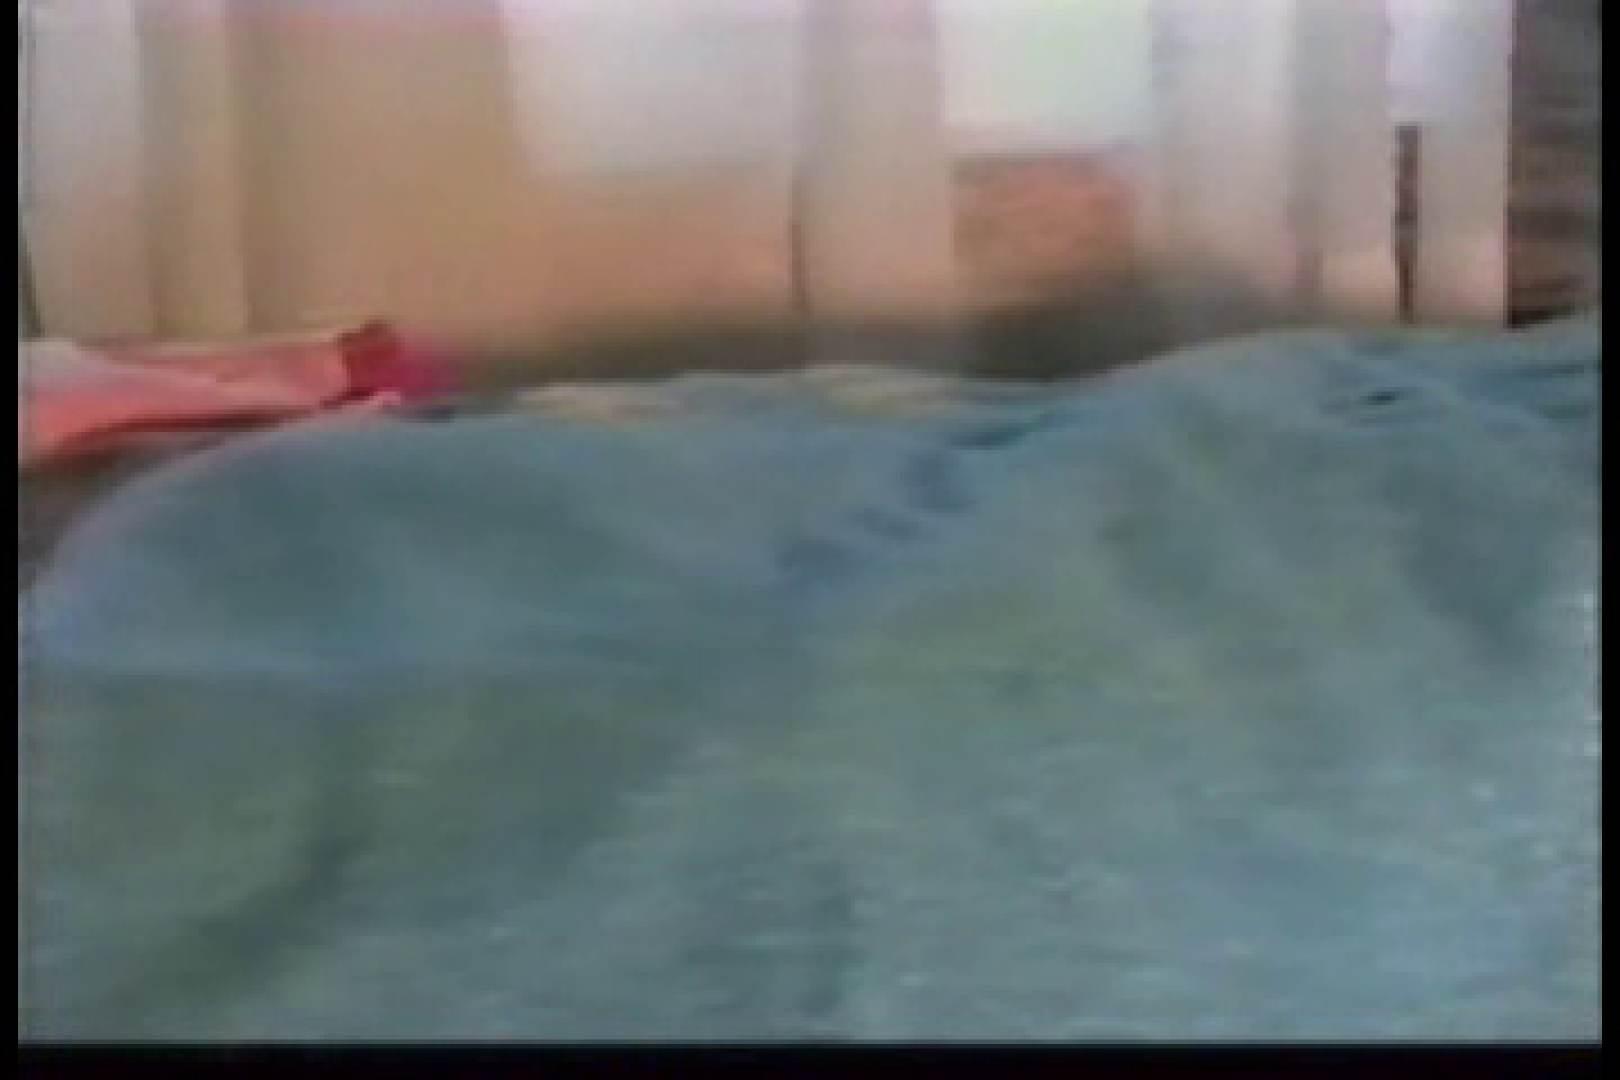 【個人製作】若き男子たちのジャム遊び オナニー | アナル天国 アダルトビデオ画像キャプチャ 10連発 4